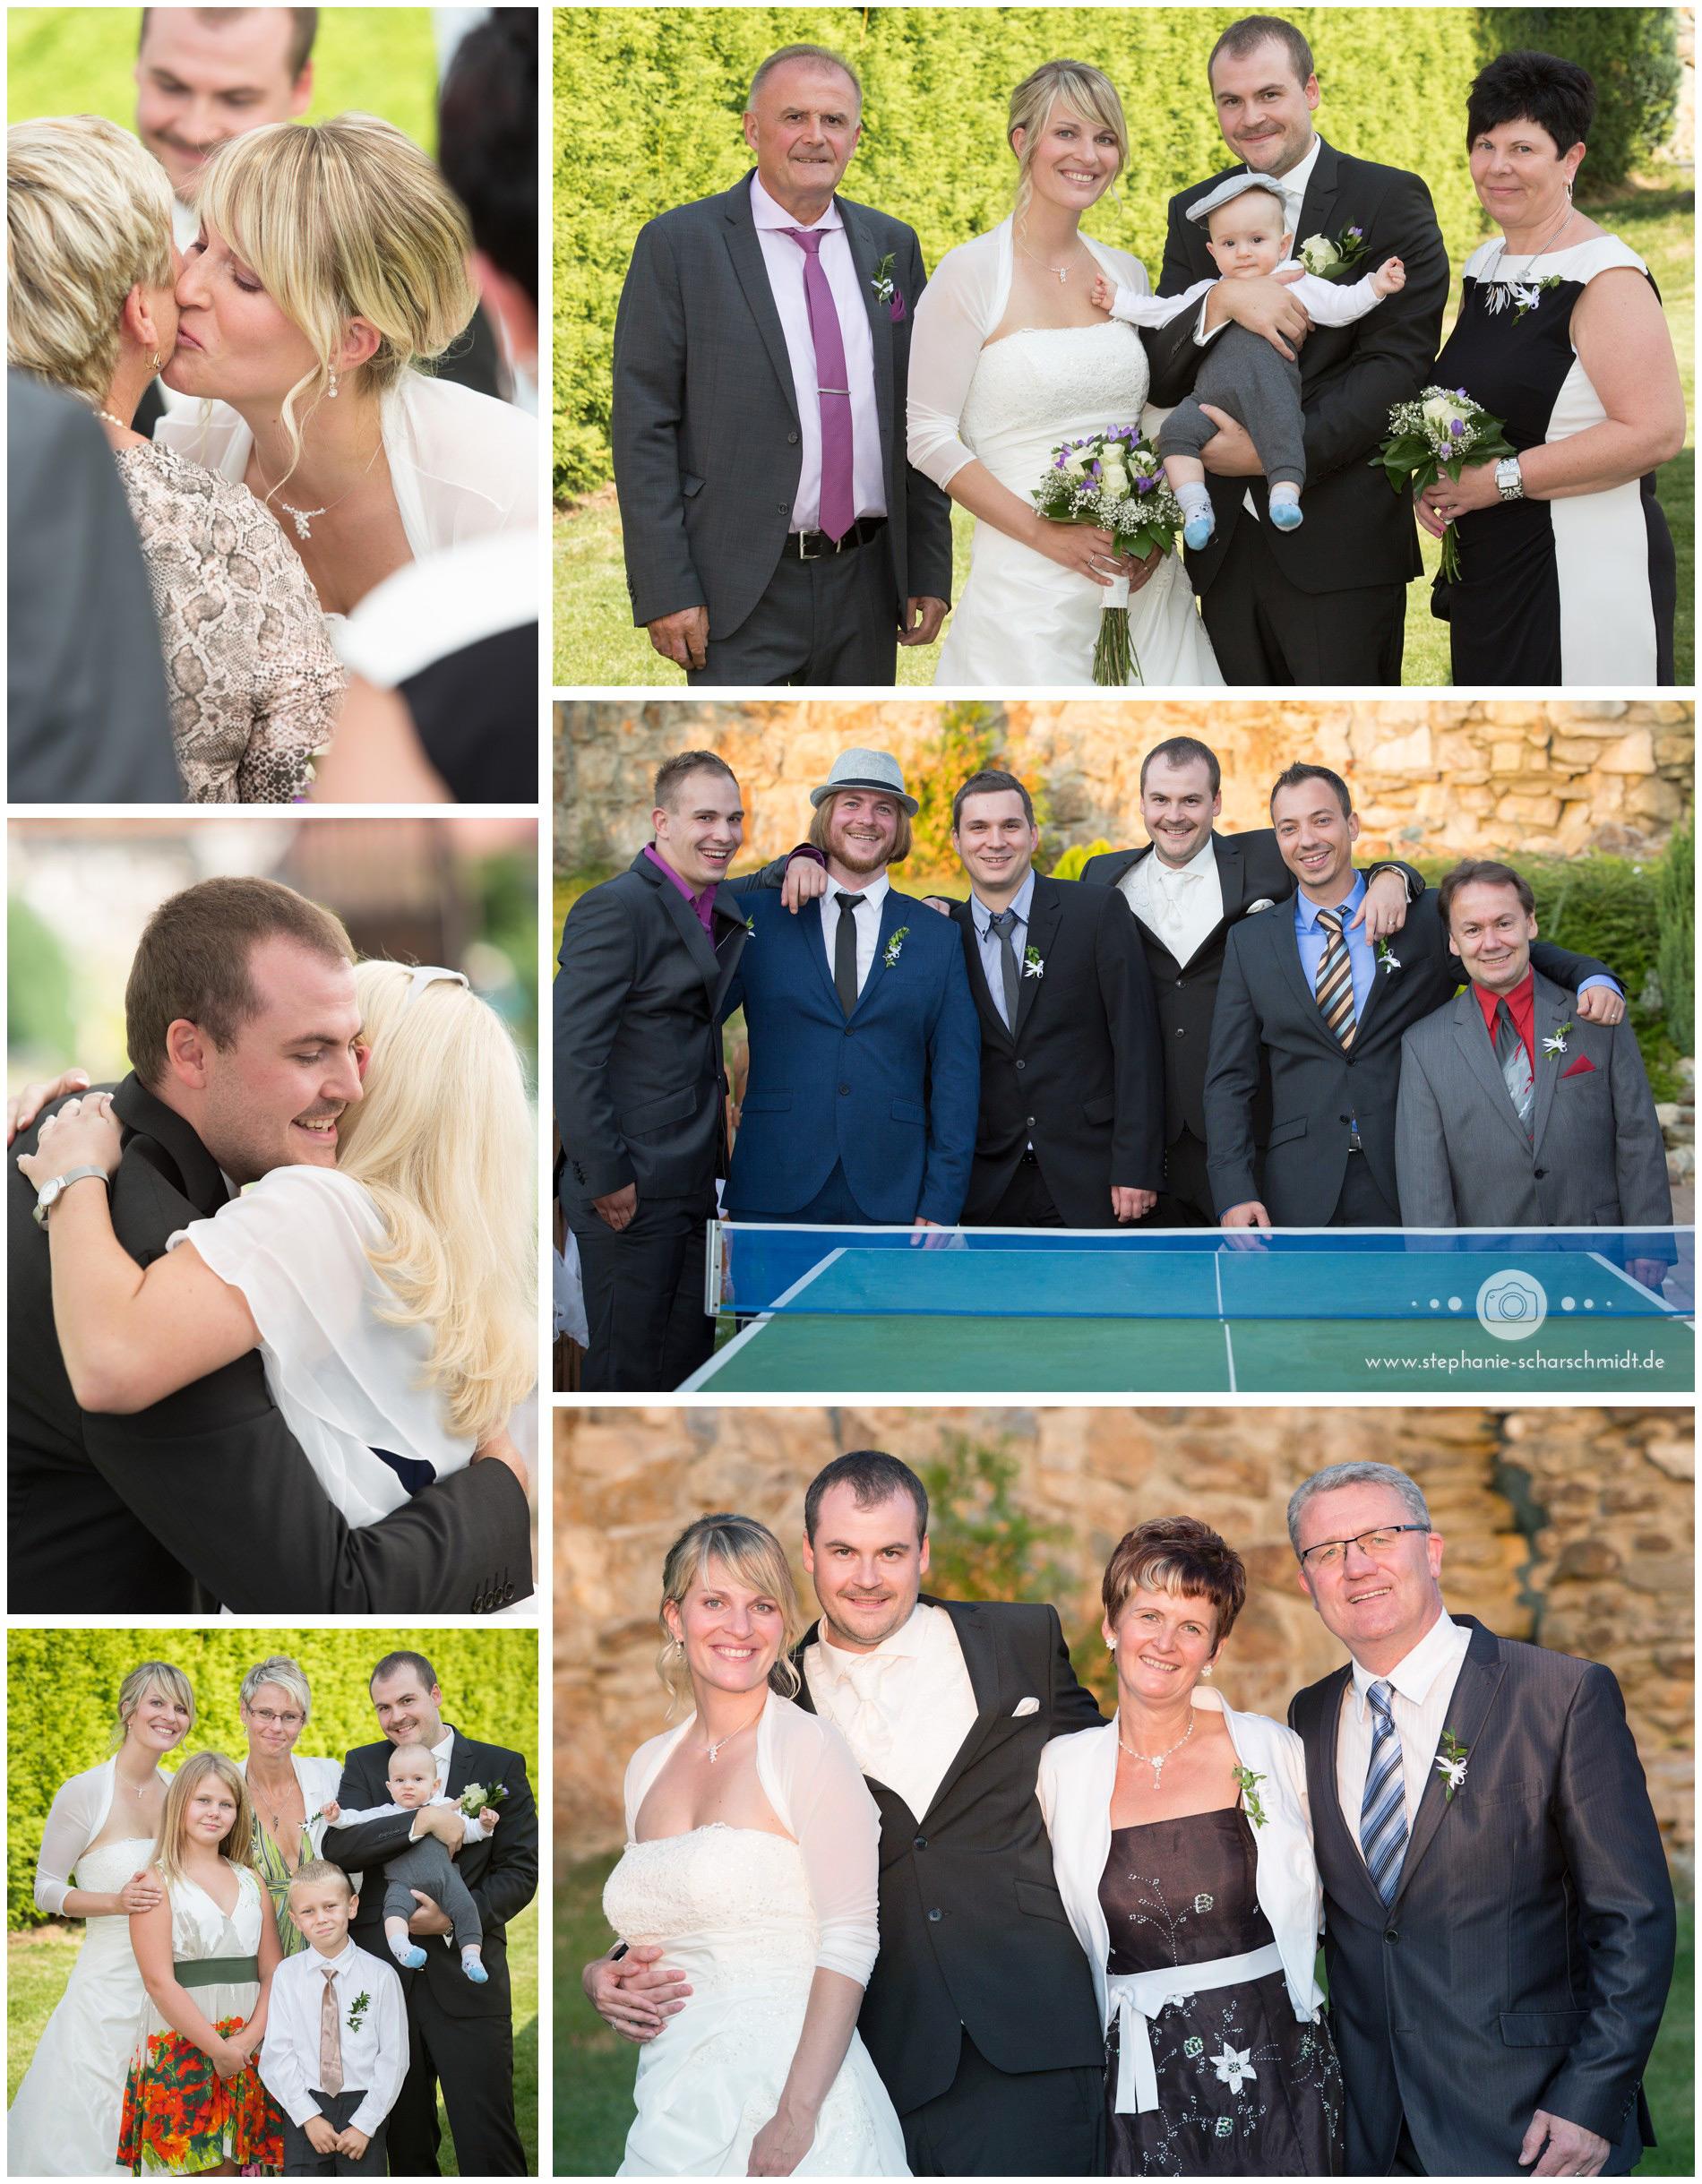 gruppenfotos bei einer Hochzeit – internationale Gäste